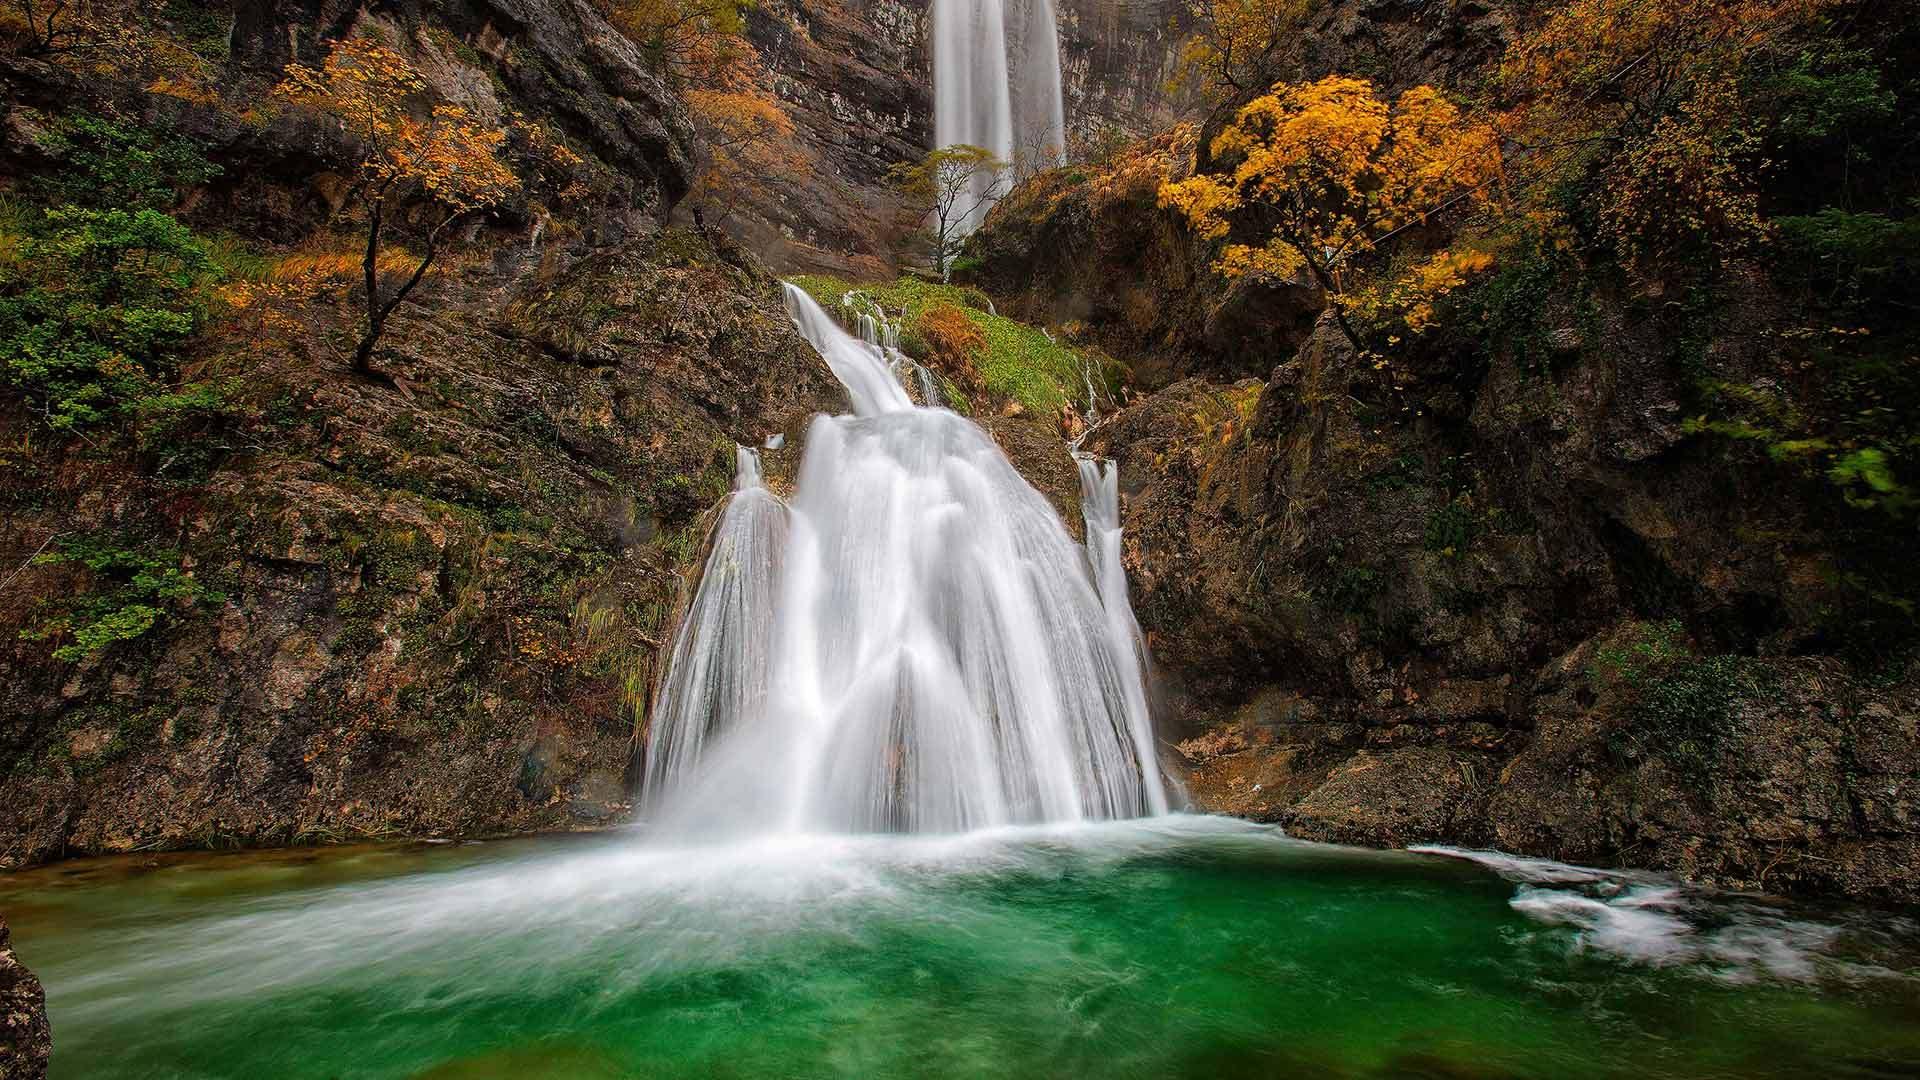 蒙多河源头的瀑布蒙多河